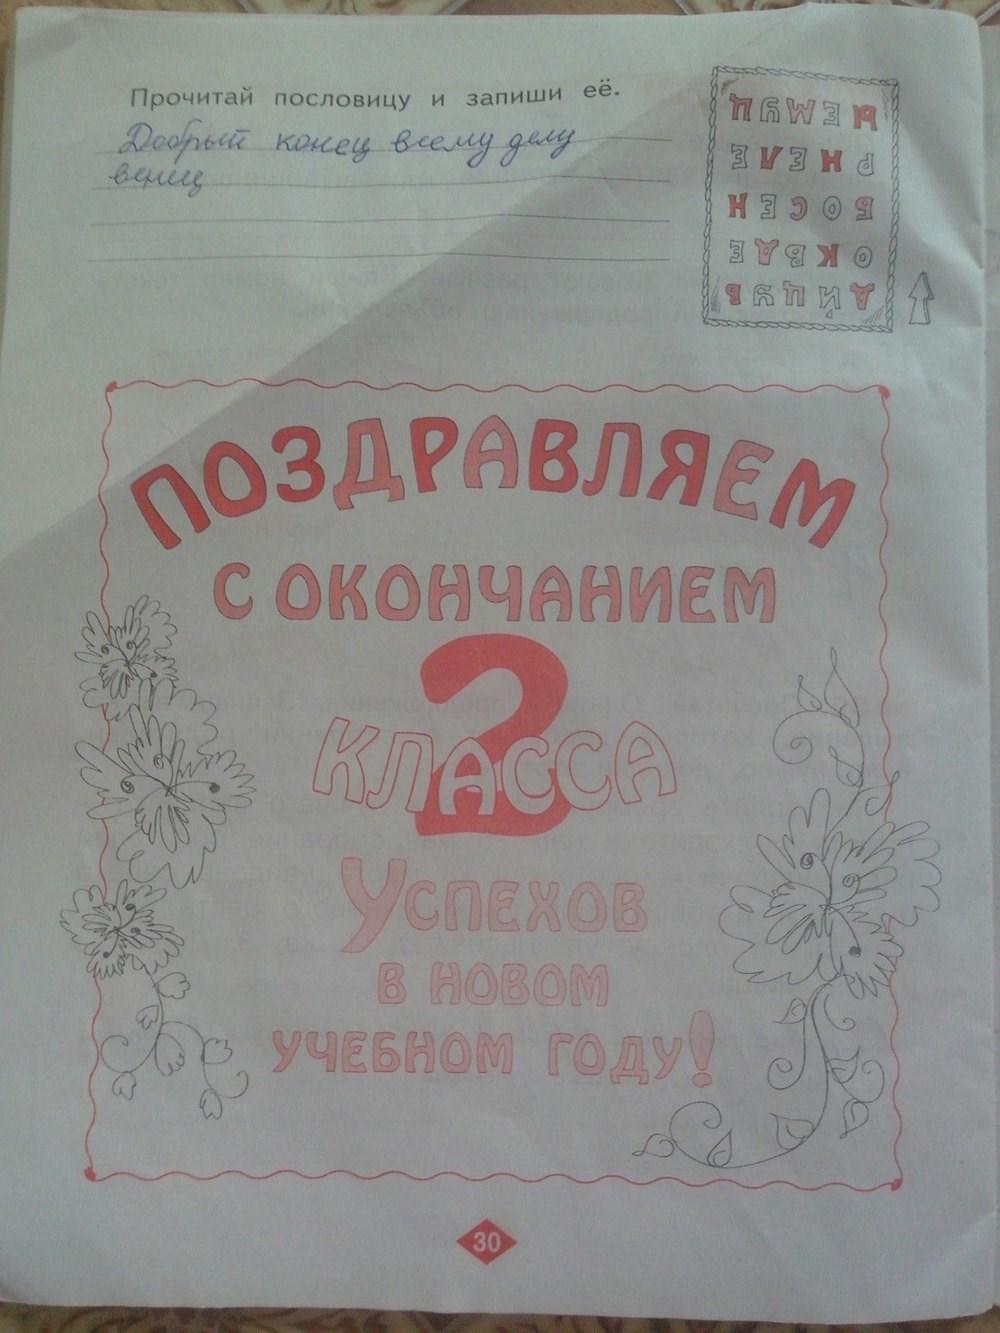 гдз по русскому языку 2 класс яковлева тетрадь